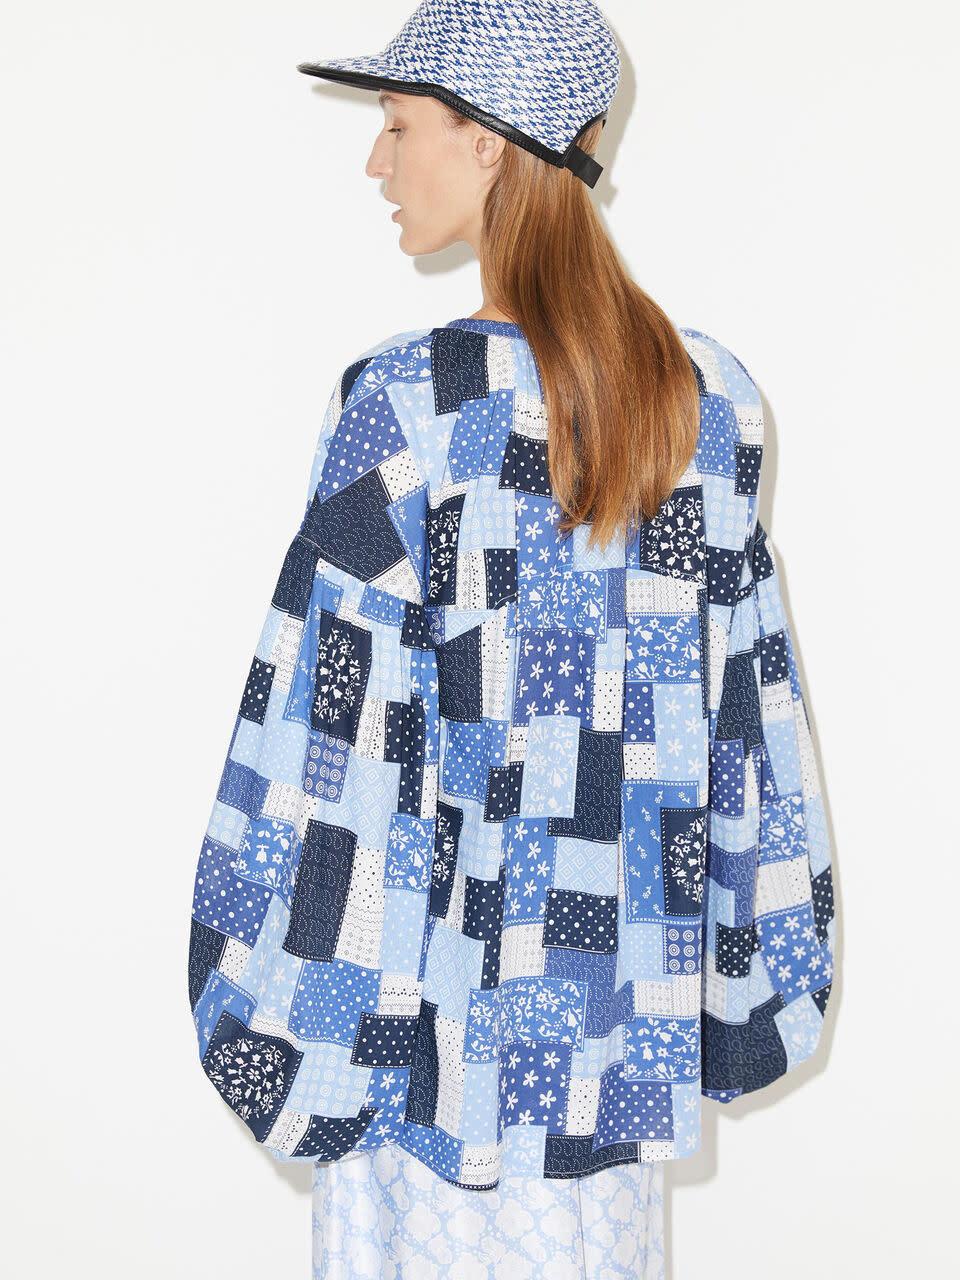 Kyra blouse by malene birger-4